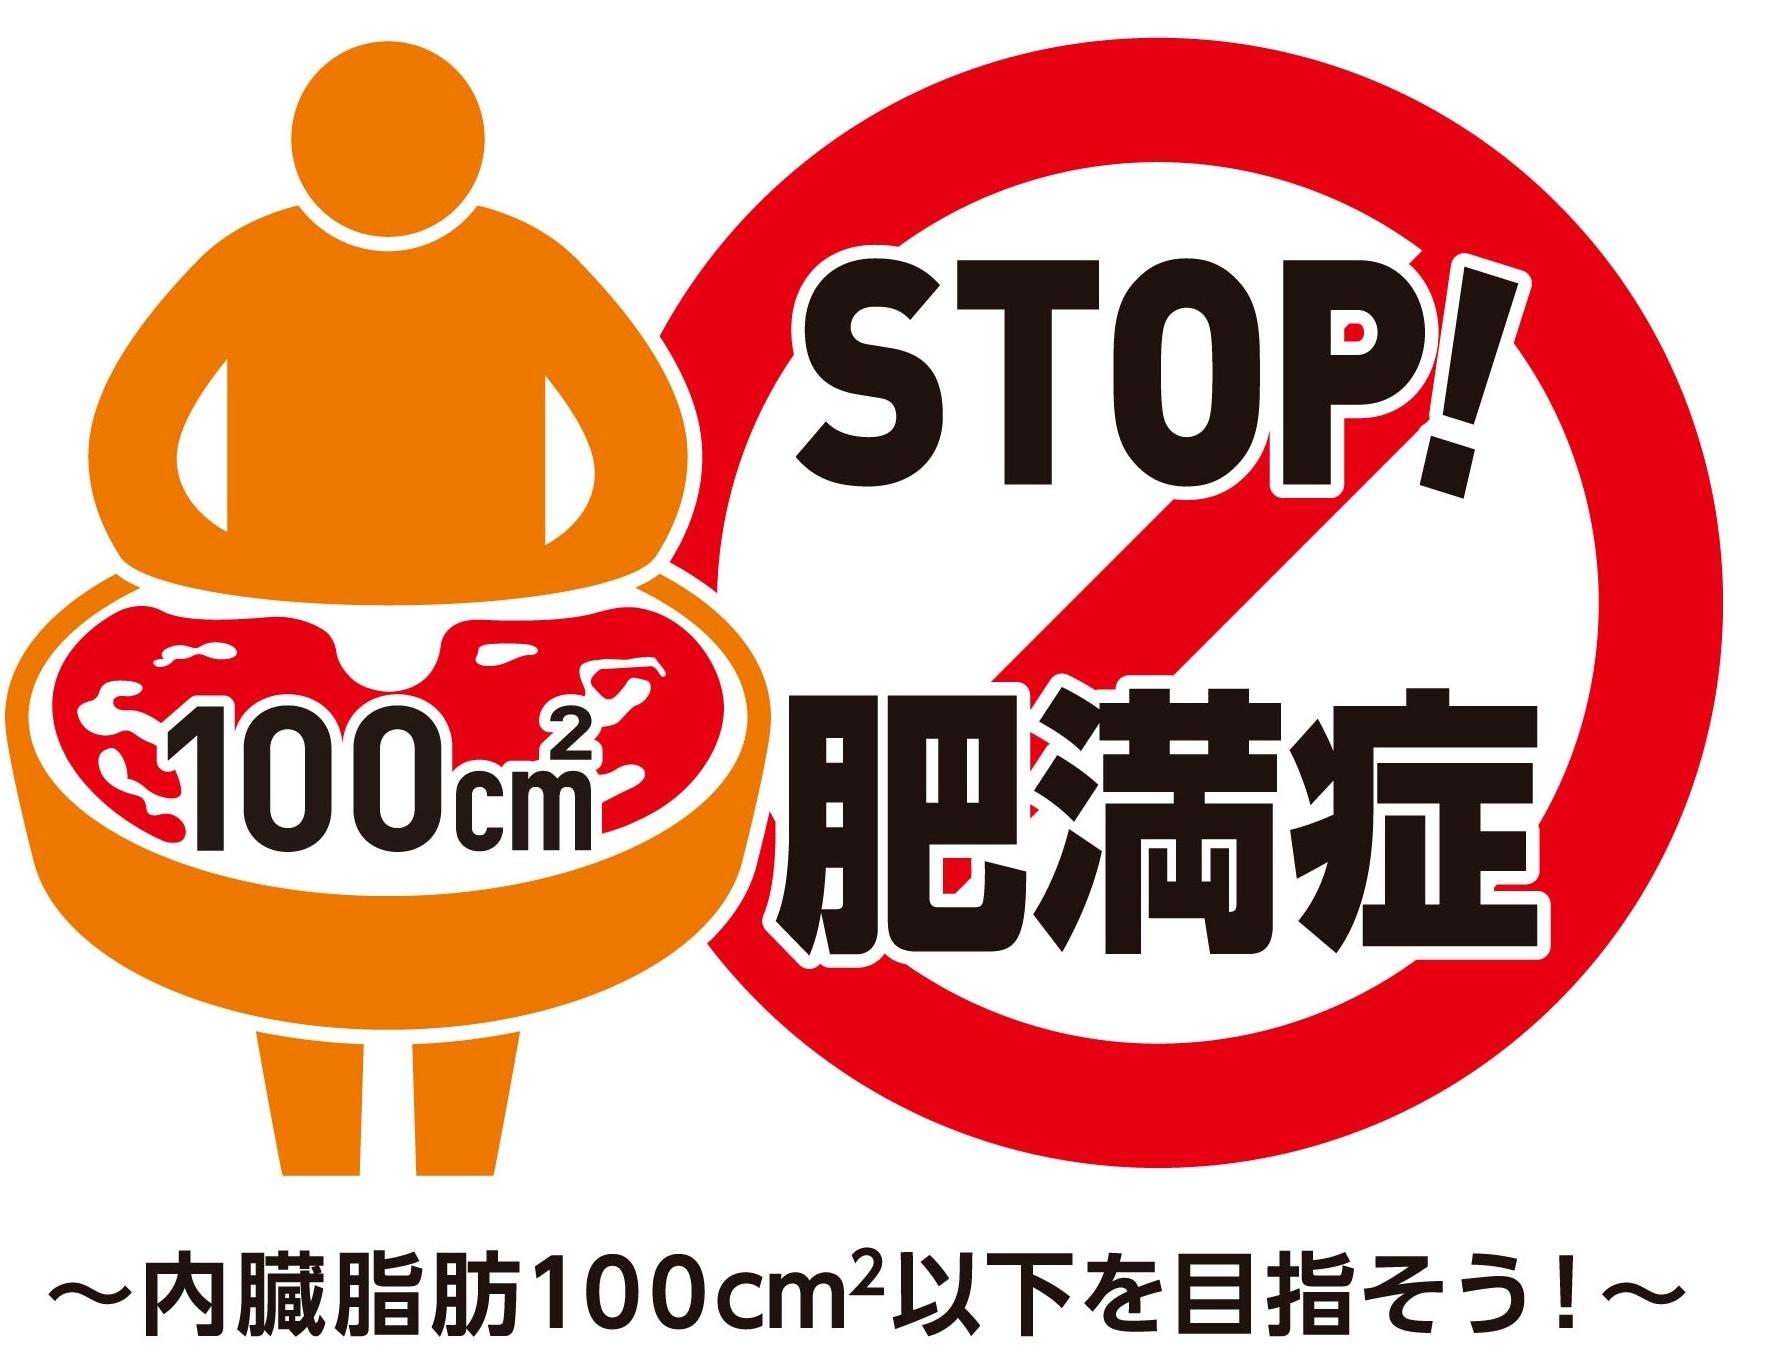 一般社団法人 日本肥満症予防協会 特別セミナー『肥満解消のためのコメディカル教育セミナー』(参加費無料・軽食付)